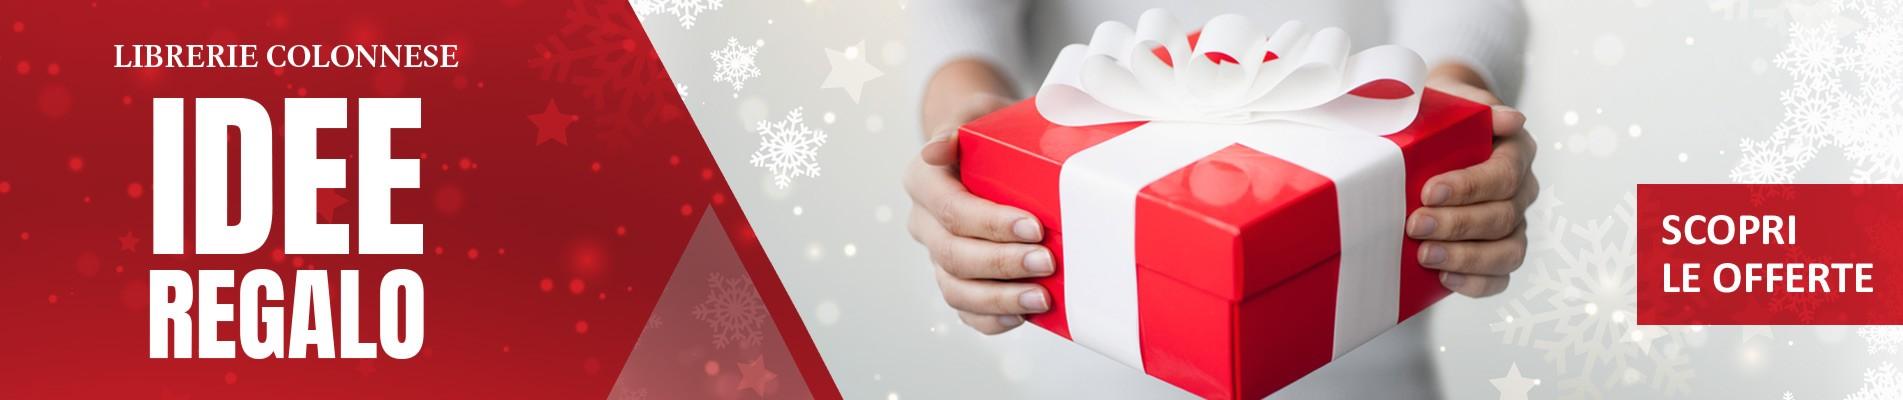 Idee regalo e offerte speciali